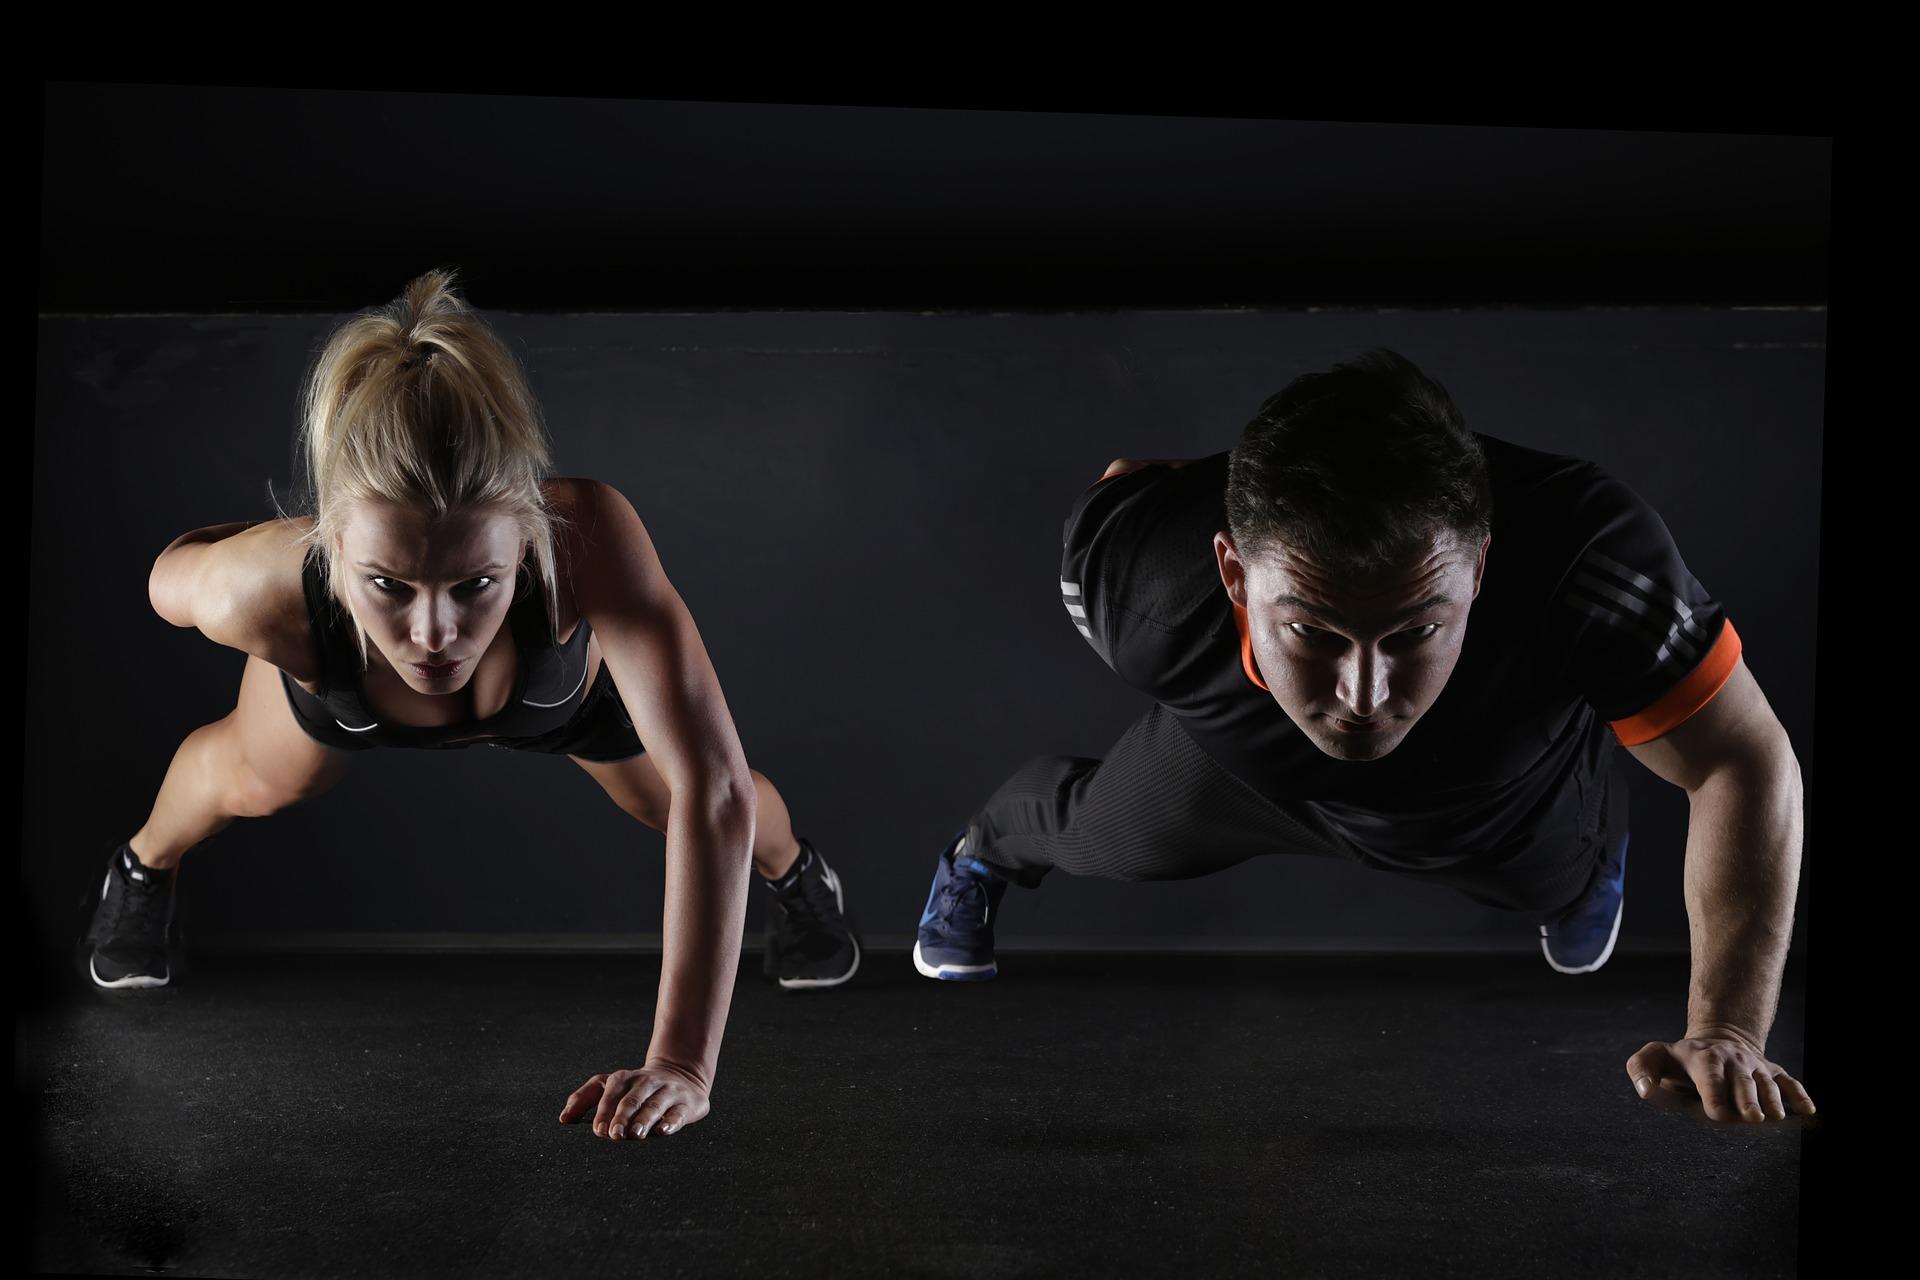 Muži versus ženy:Někdy máme tendence sportovat v páru. Ale ne všechny sporty a pohybové aktivity jsou stejně ideální pro ženy a pro muže.